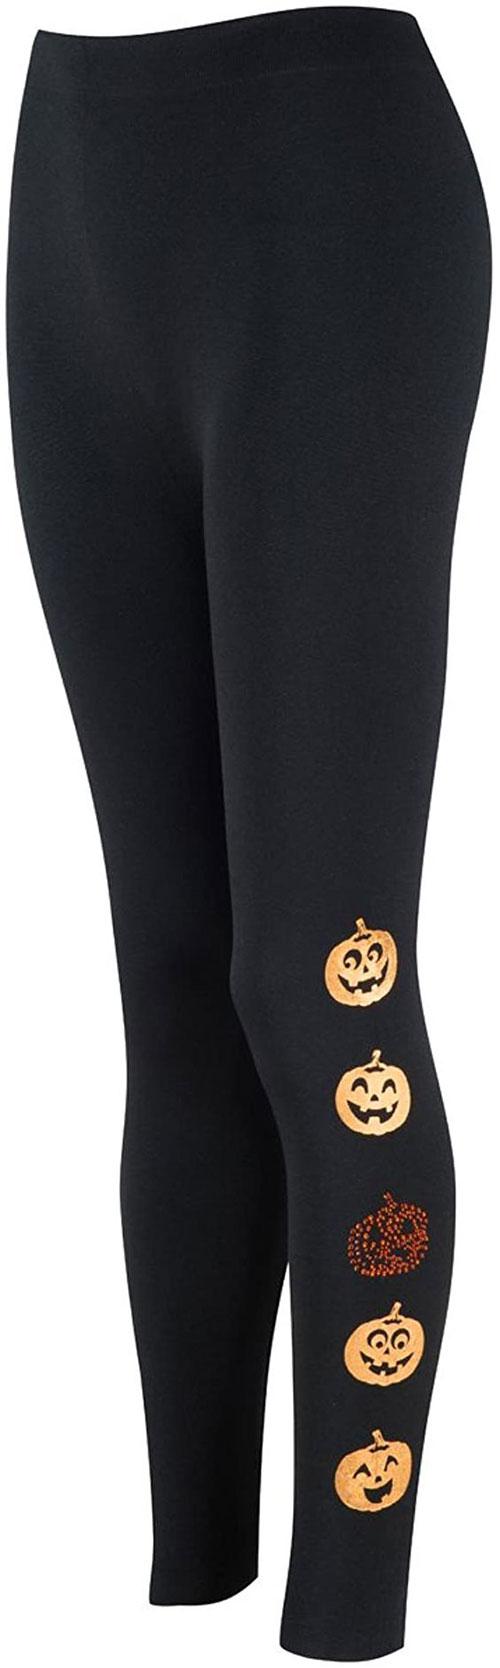 Best-Halloween-Leggings-For-Girls-Women-2020-10